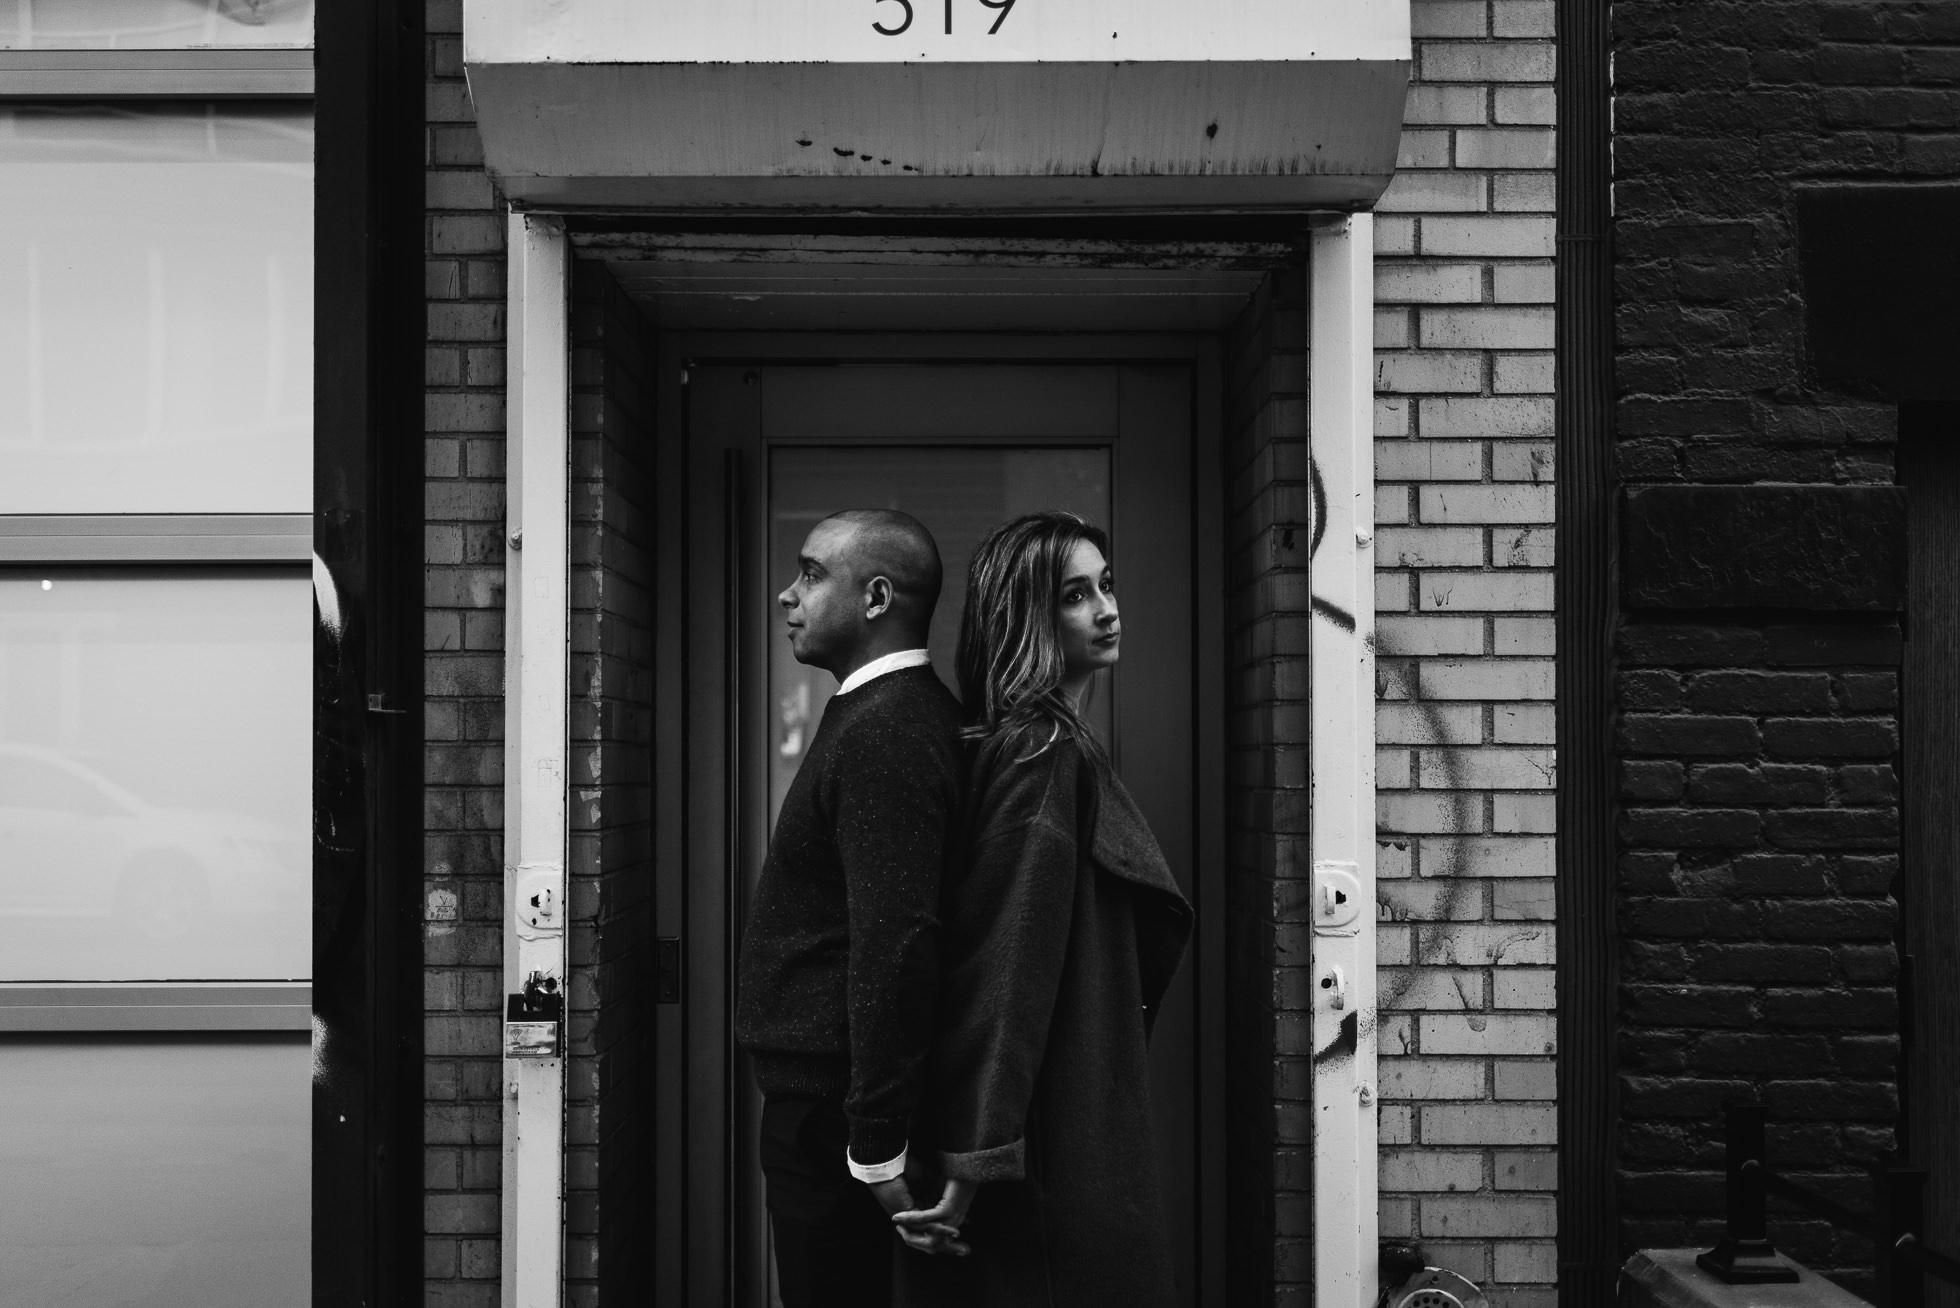 couple in nyc doorway